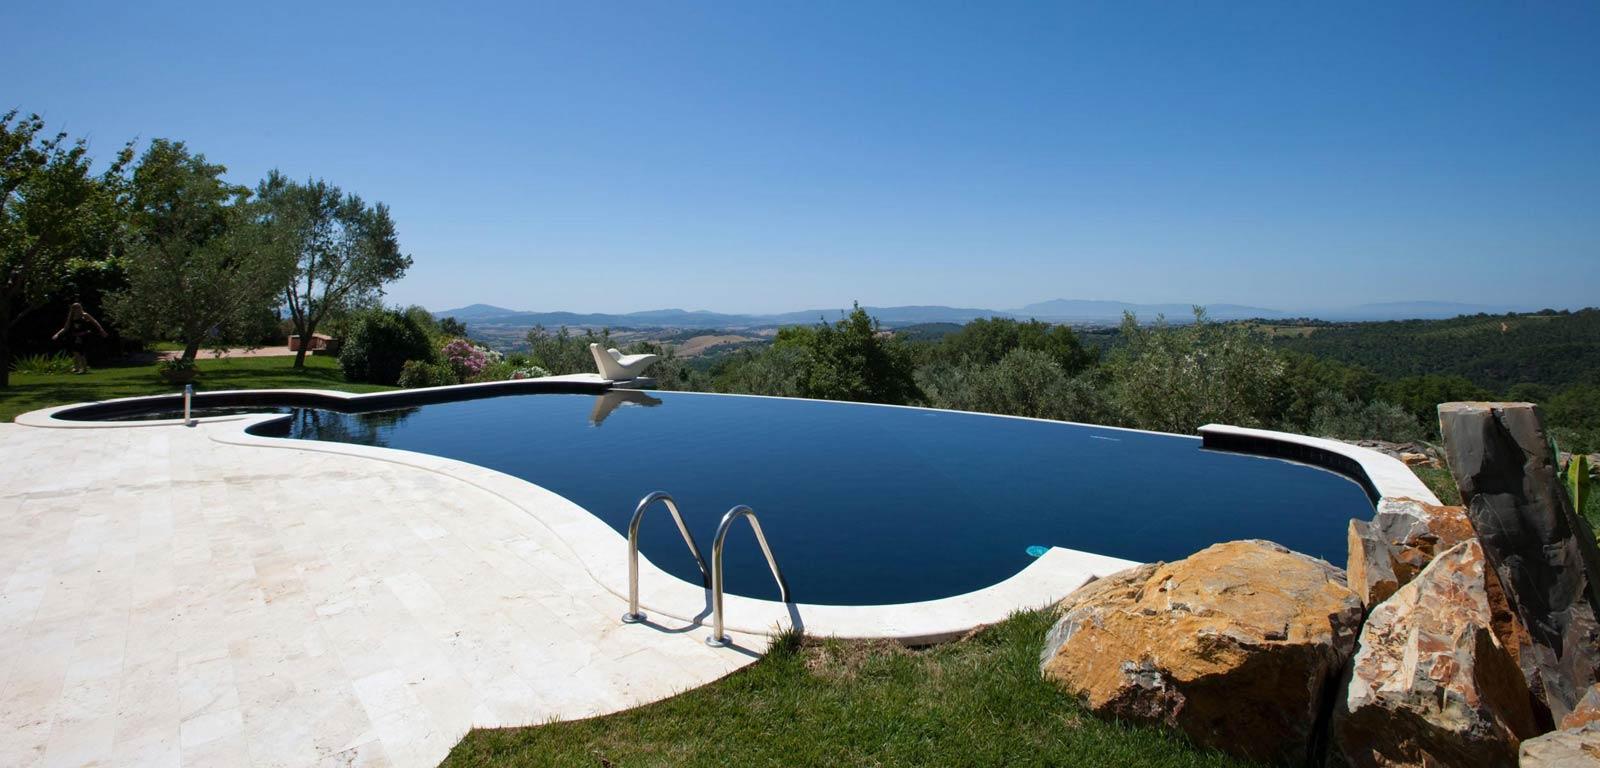 Paesaggi D Acqua Piscine piscine